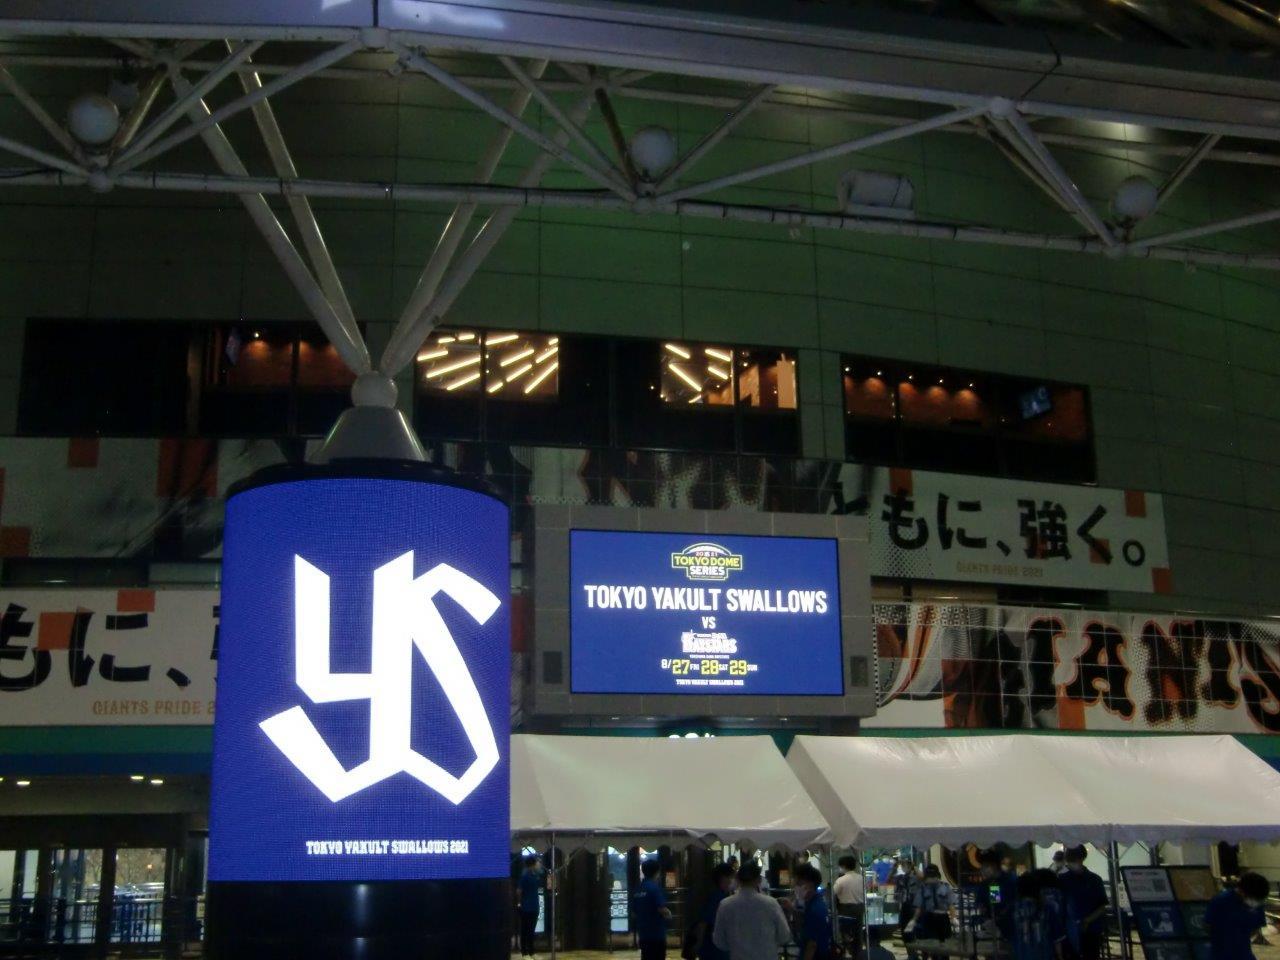 10/22(金)18時 東京ヤクルト対広島 明治神宮野球場 2021応燕感謝シリーズの画像